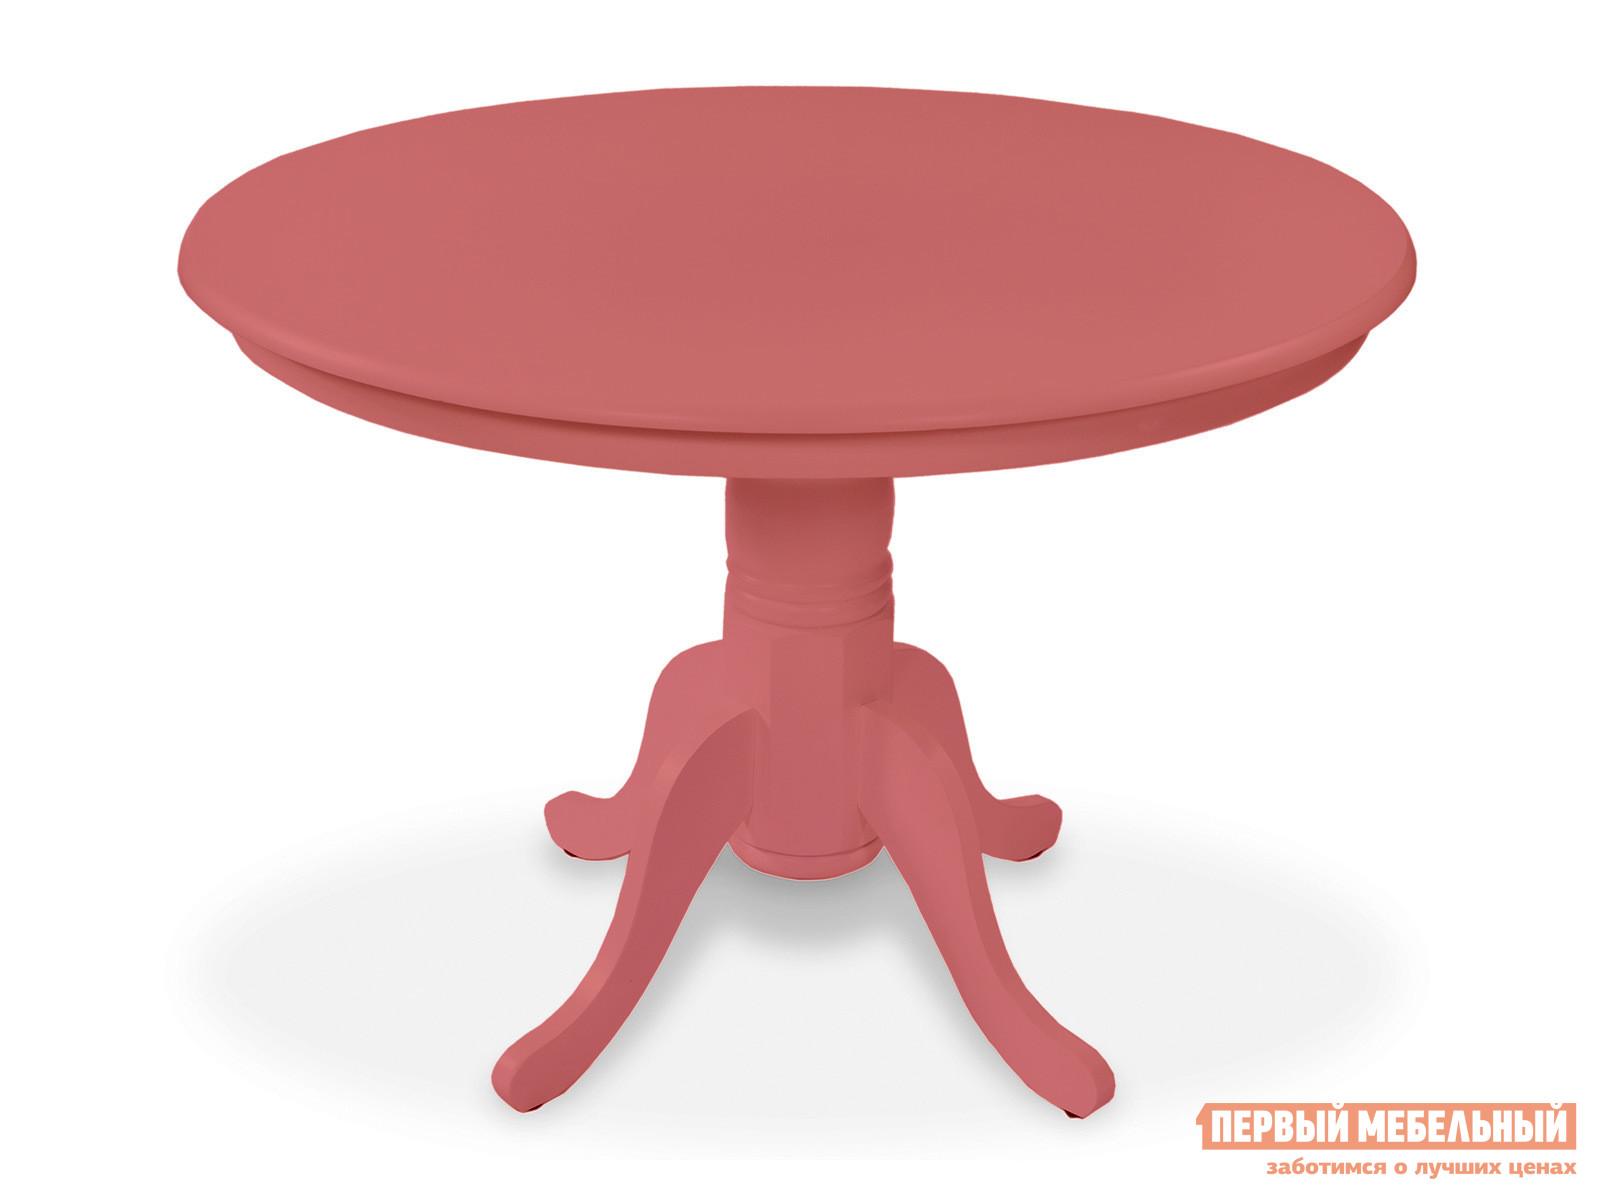 Обеденный стол на одной ножке Mr. Kim CONIFERO